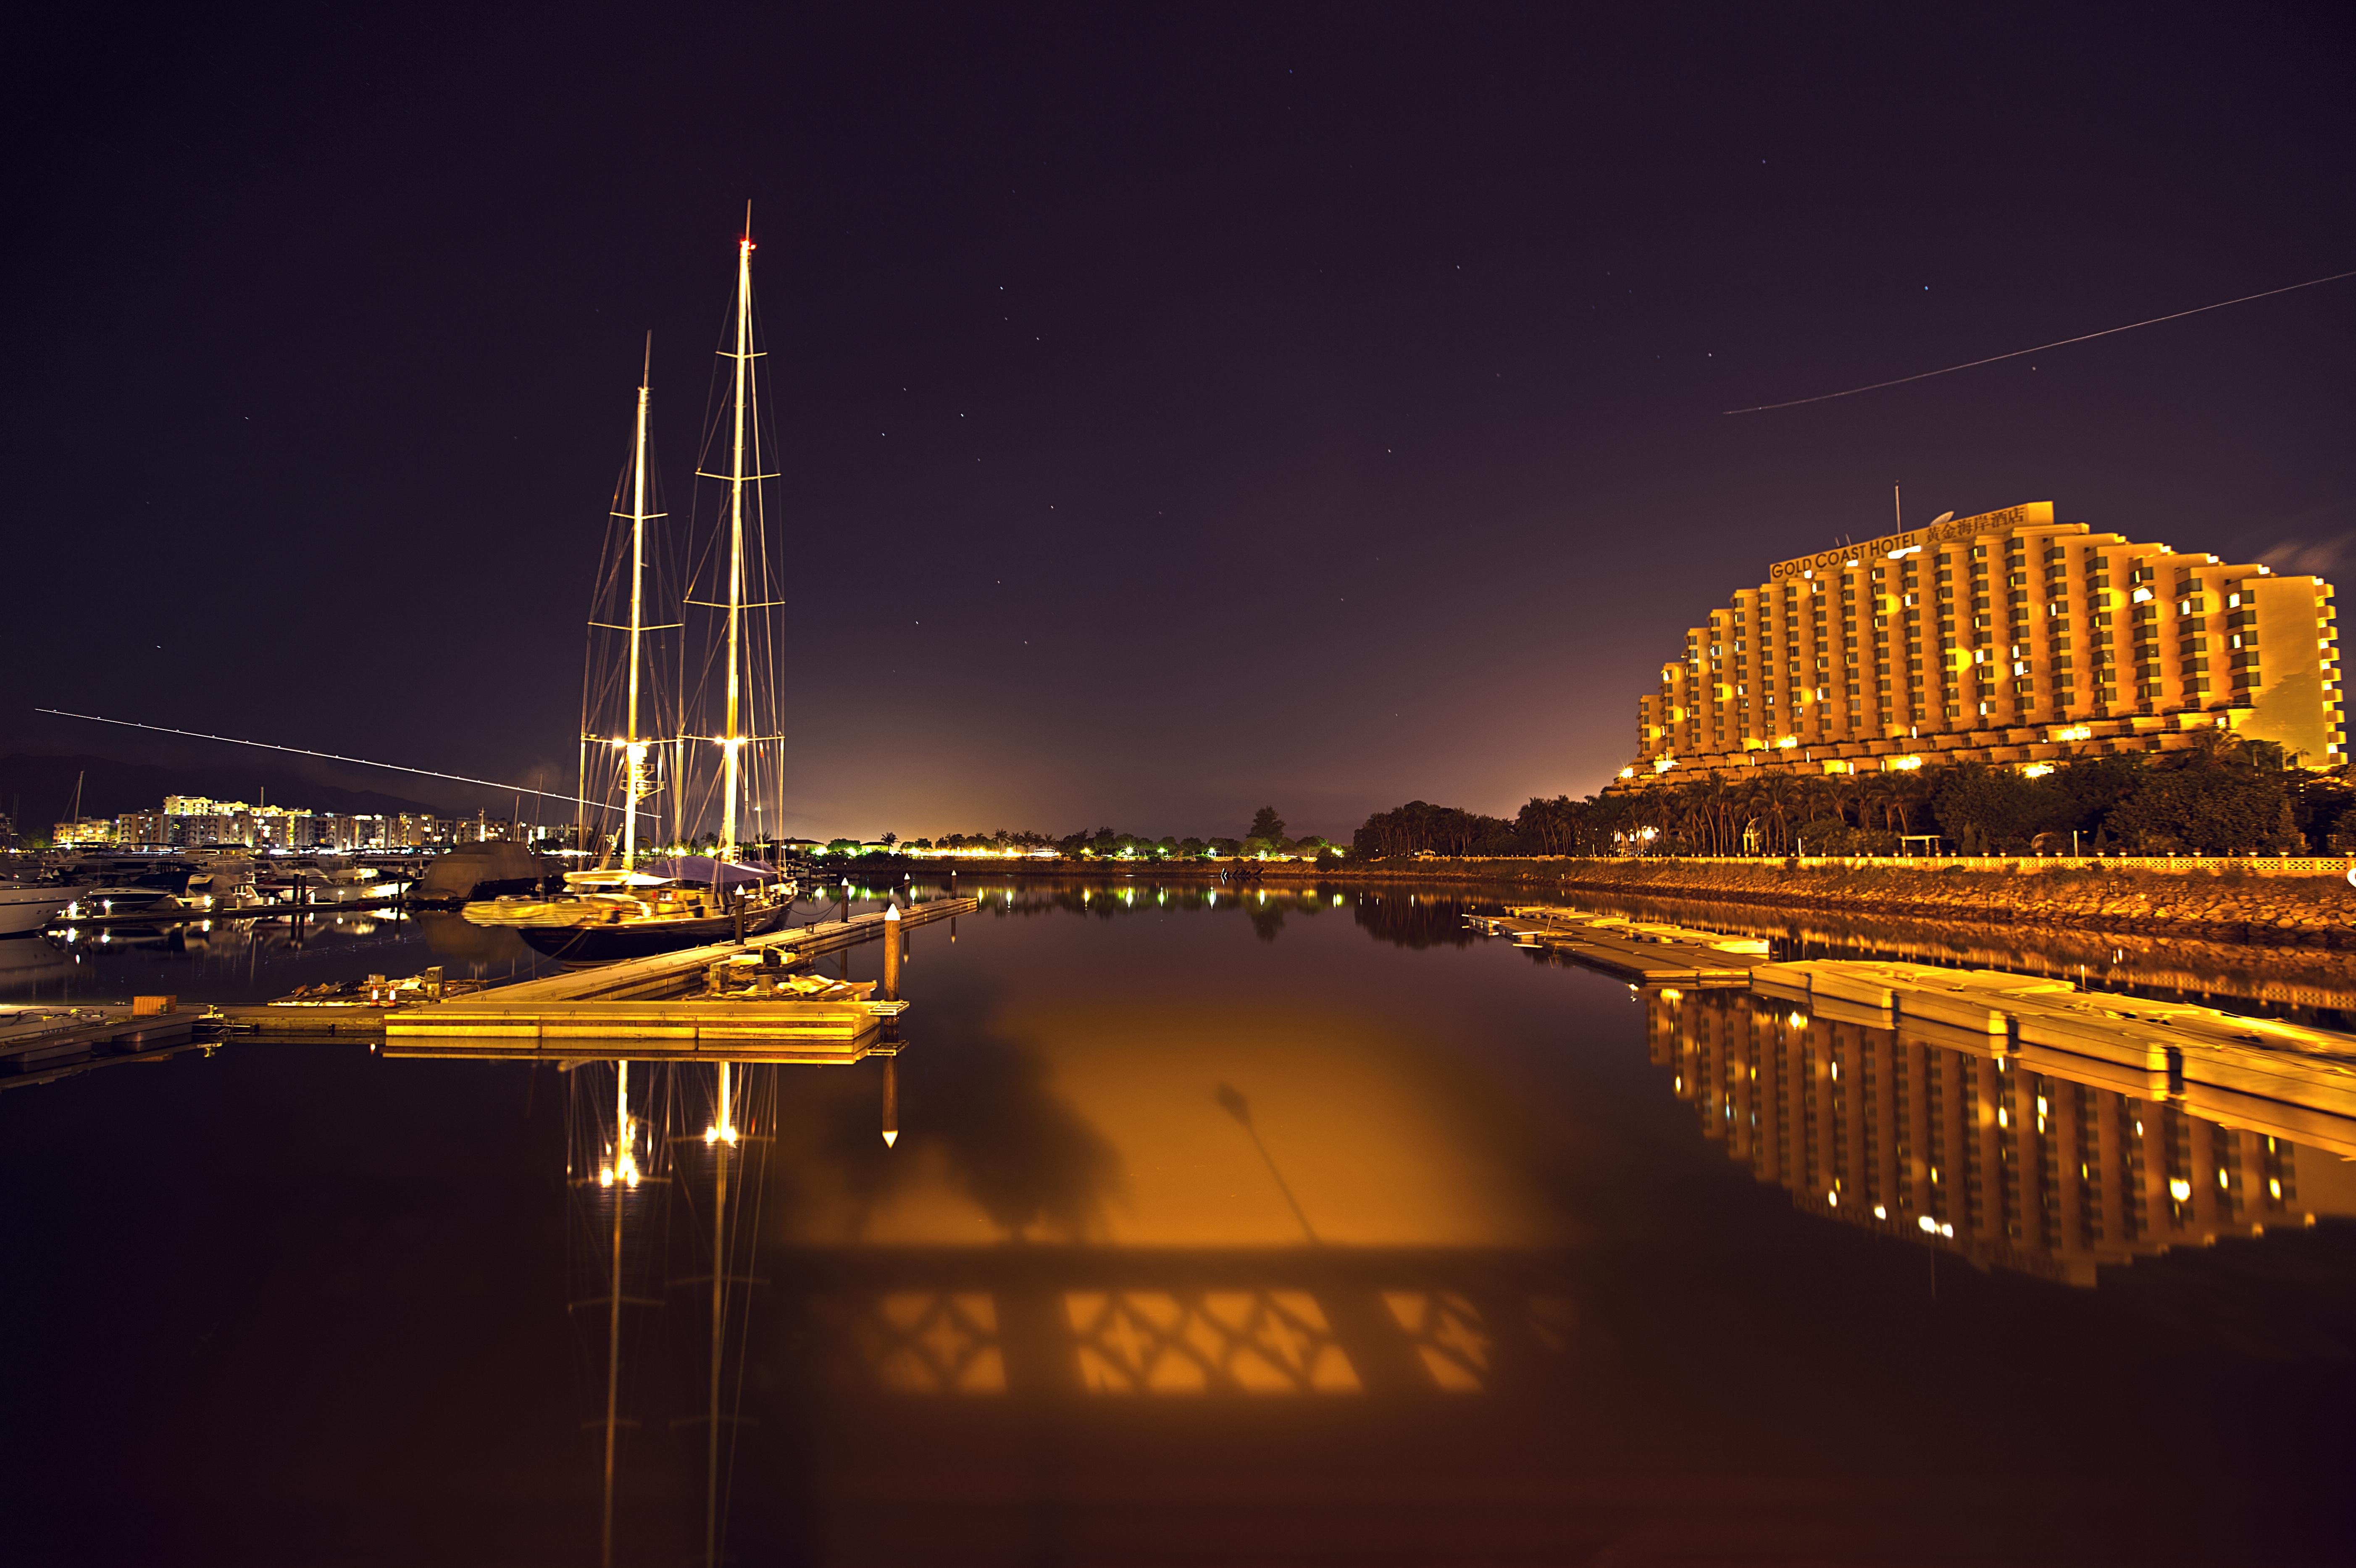 Hong kong gold coast at night photo